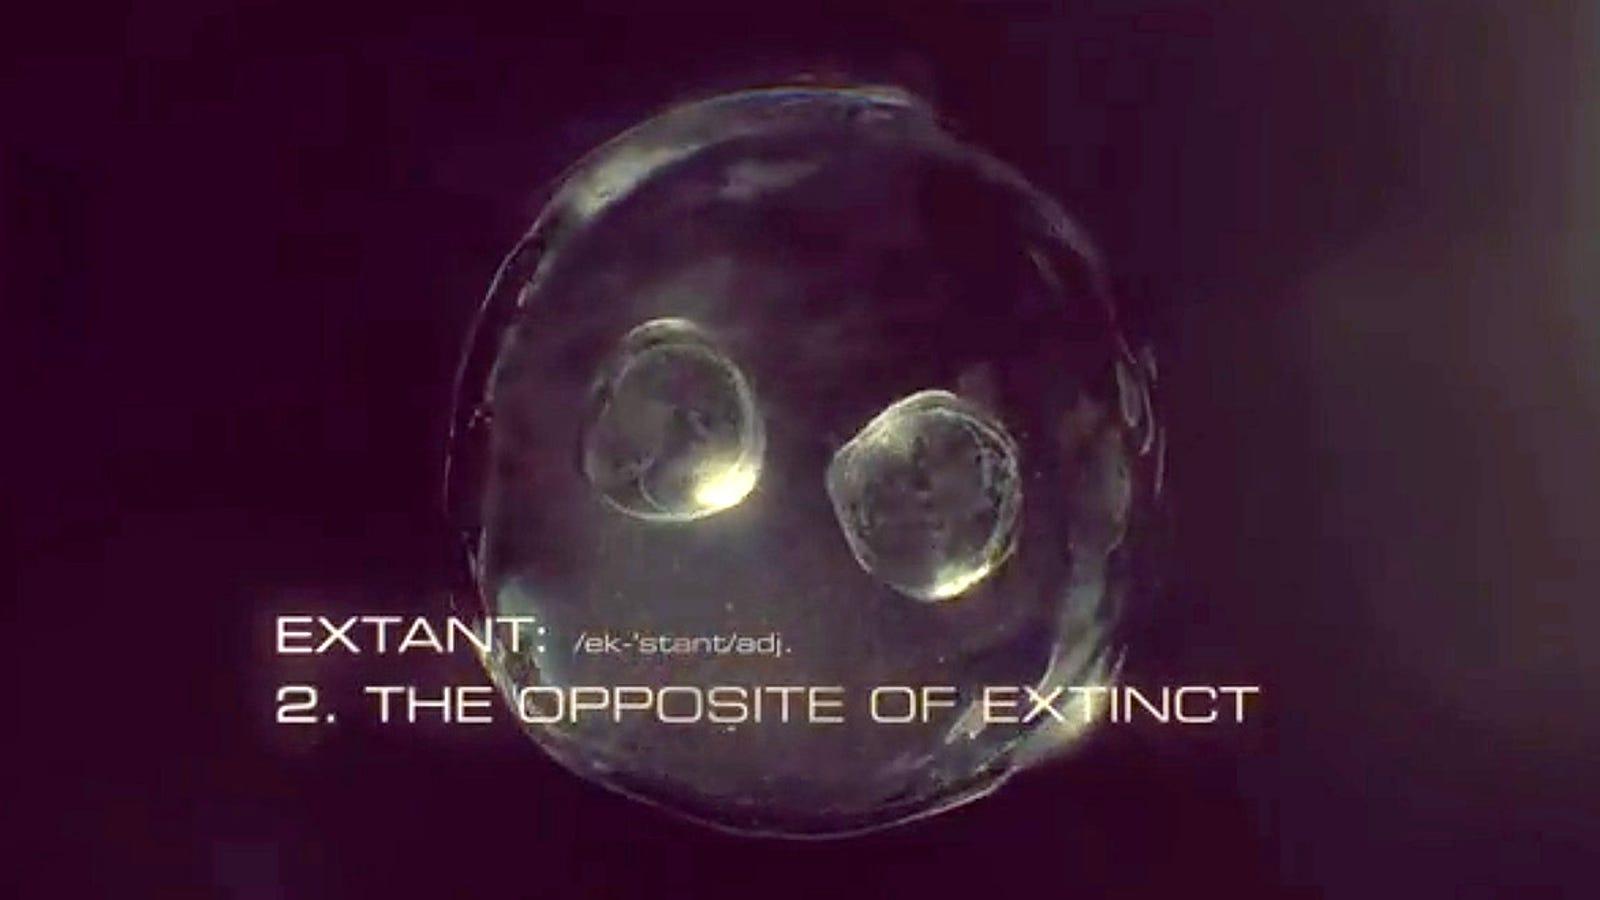 Extant: nueva serie de ciencia-ficción con Spielberg como productor